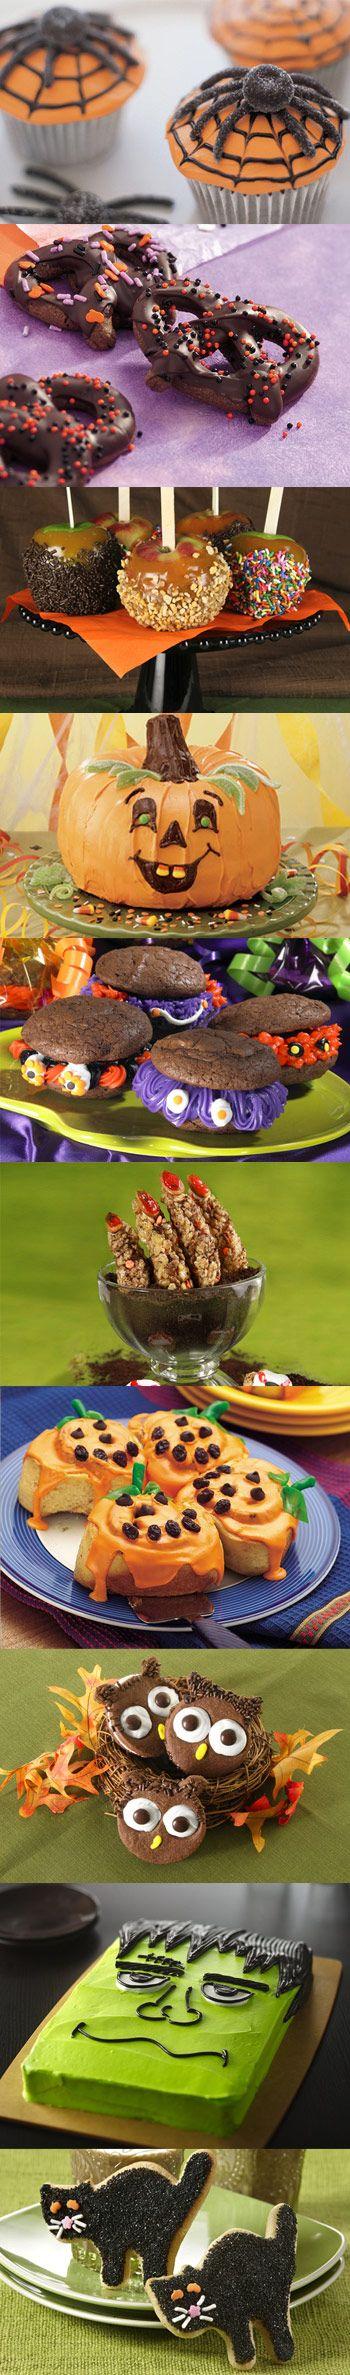 Halloween party treats!